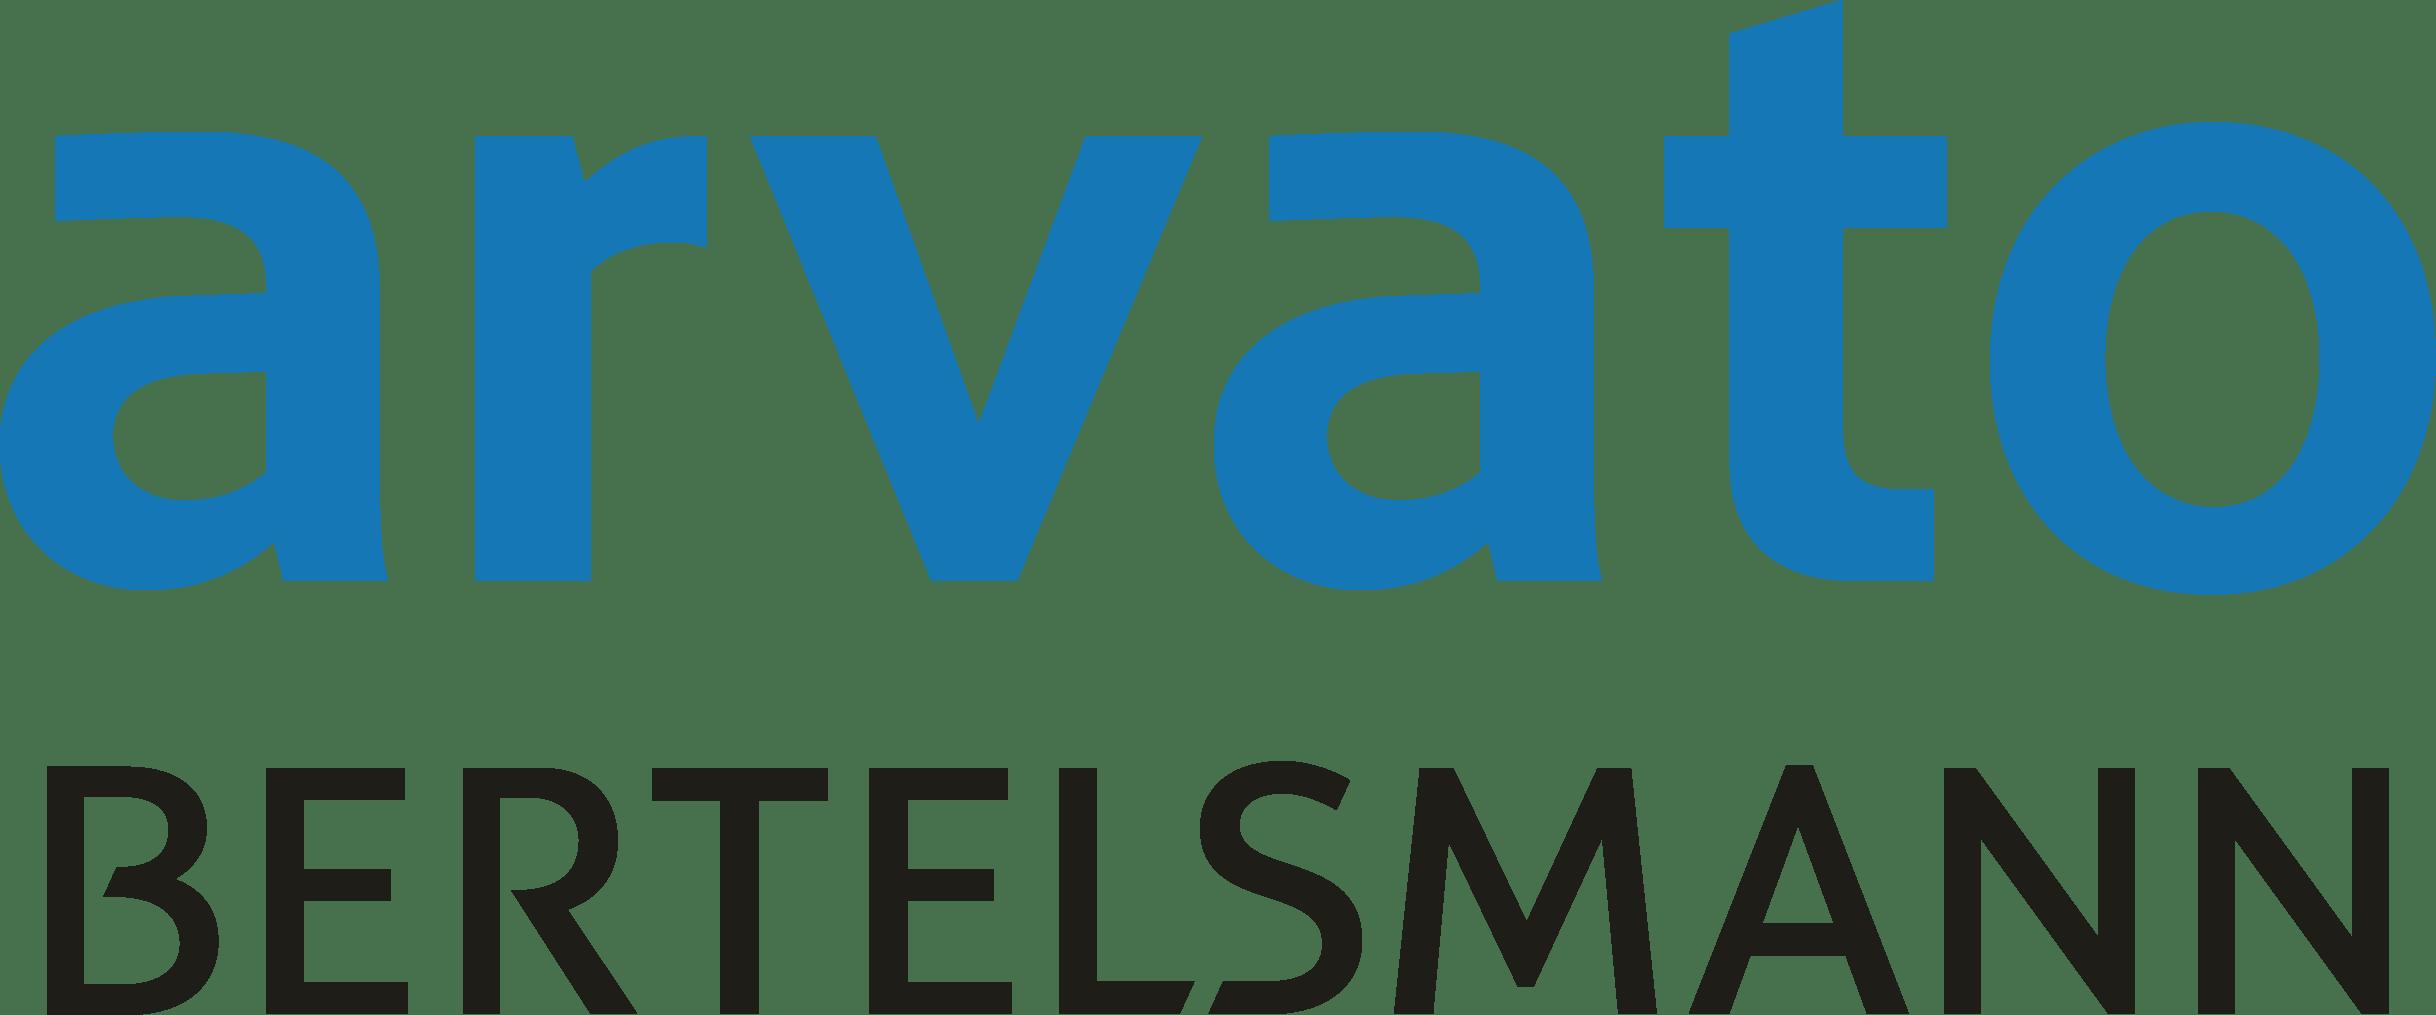 Arvato Bertelsmann Logo [arvato.com] png